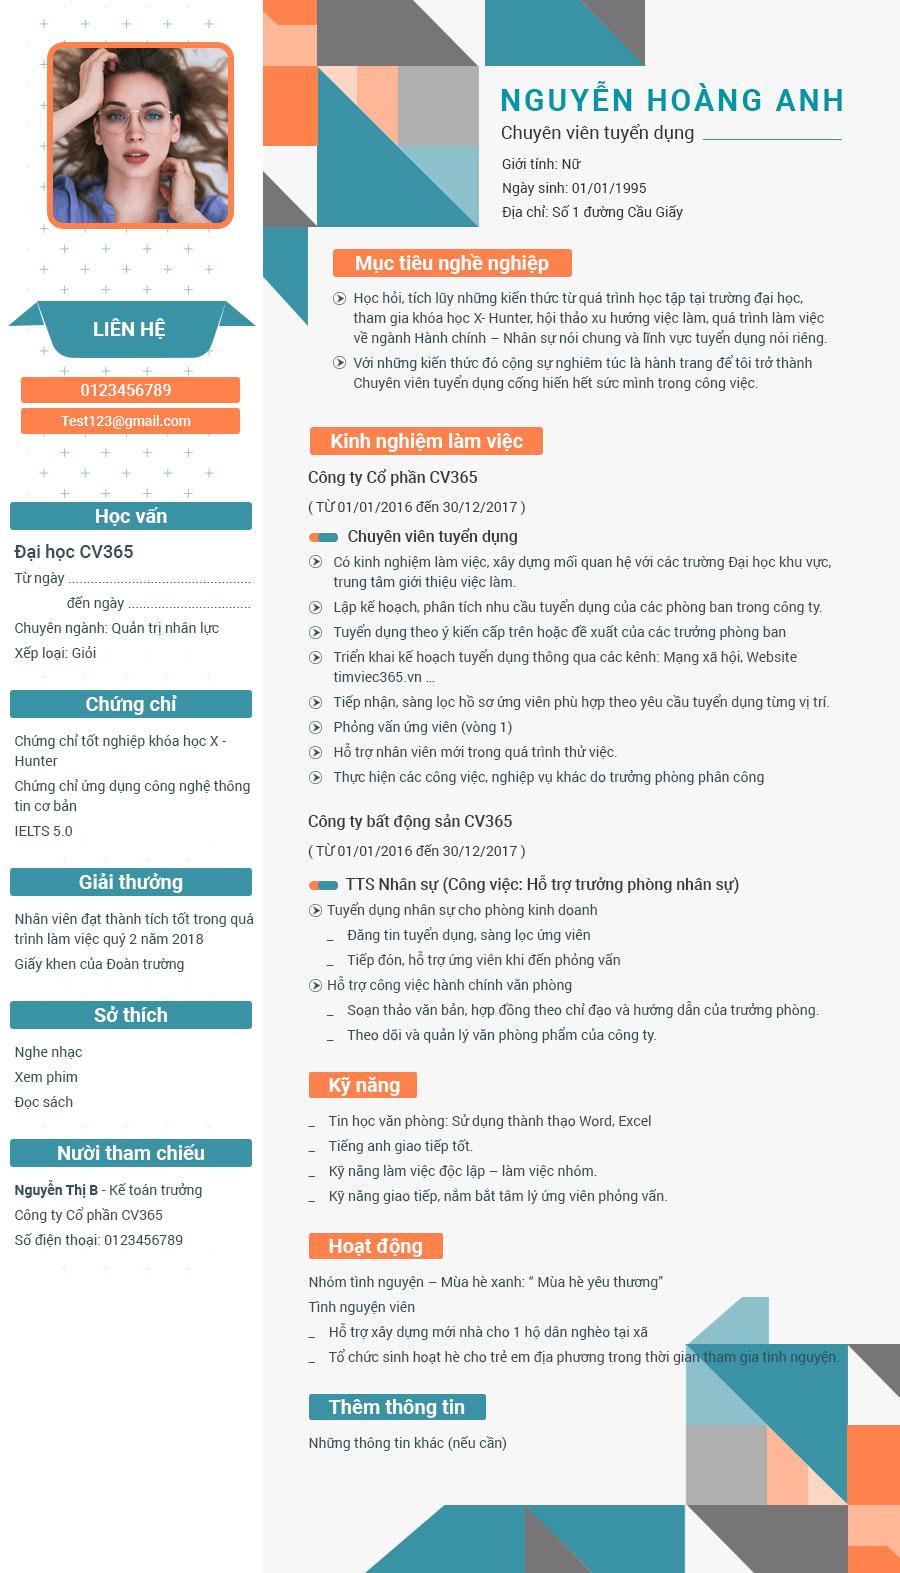 hướng dẫn bạn cách viết cv online tiếng anh hiệu quả